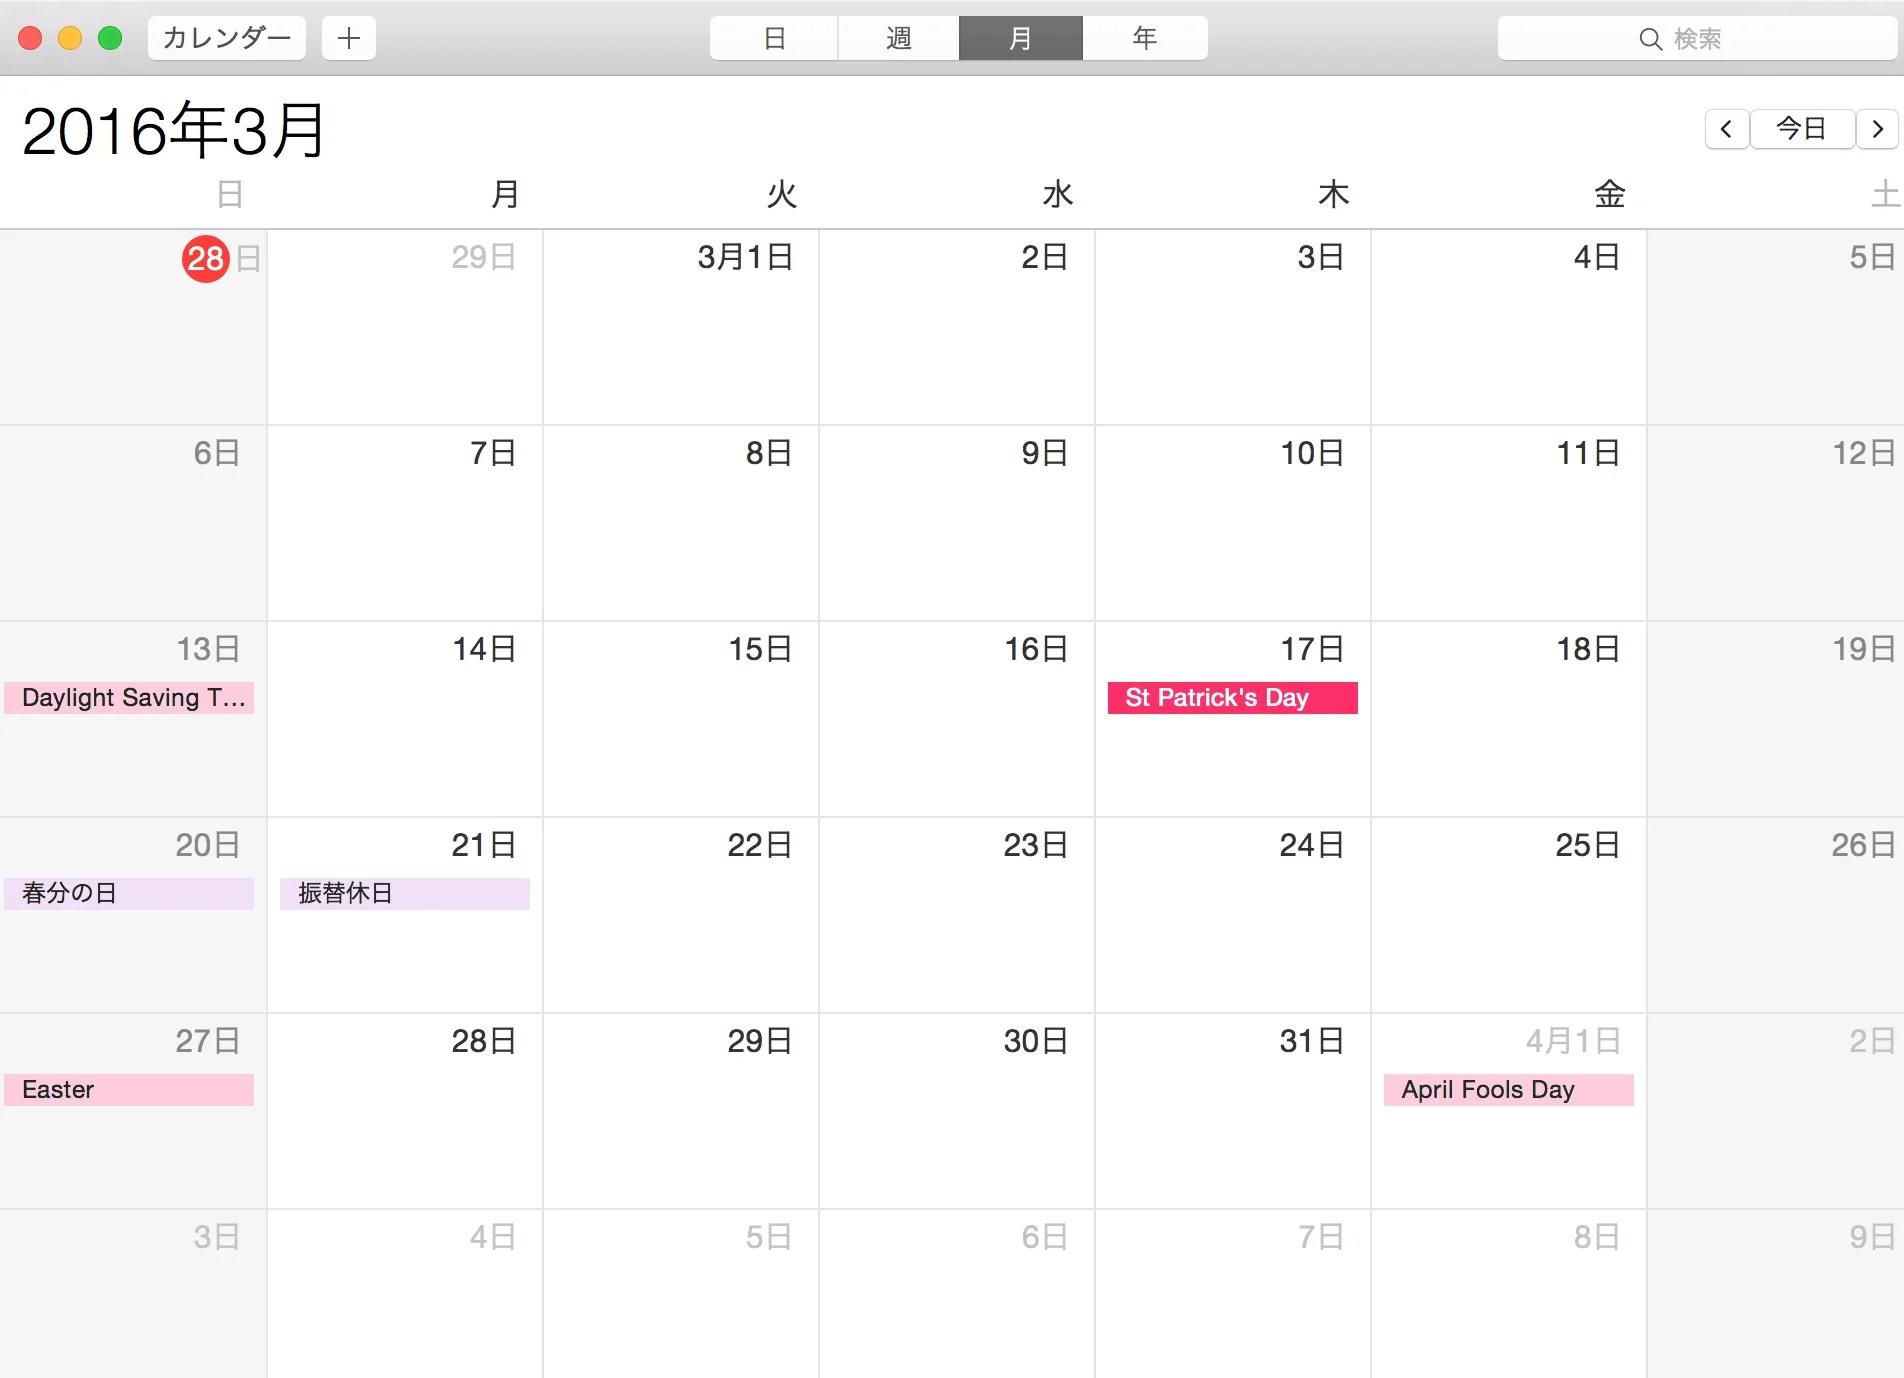 apple 祝日 ダウンロード